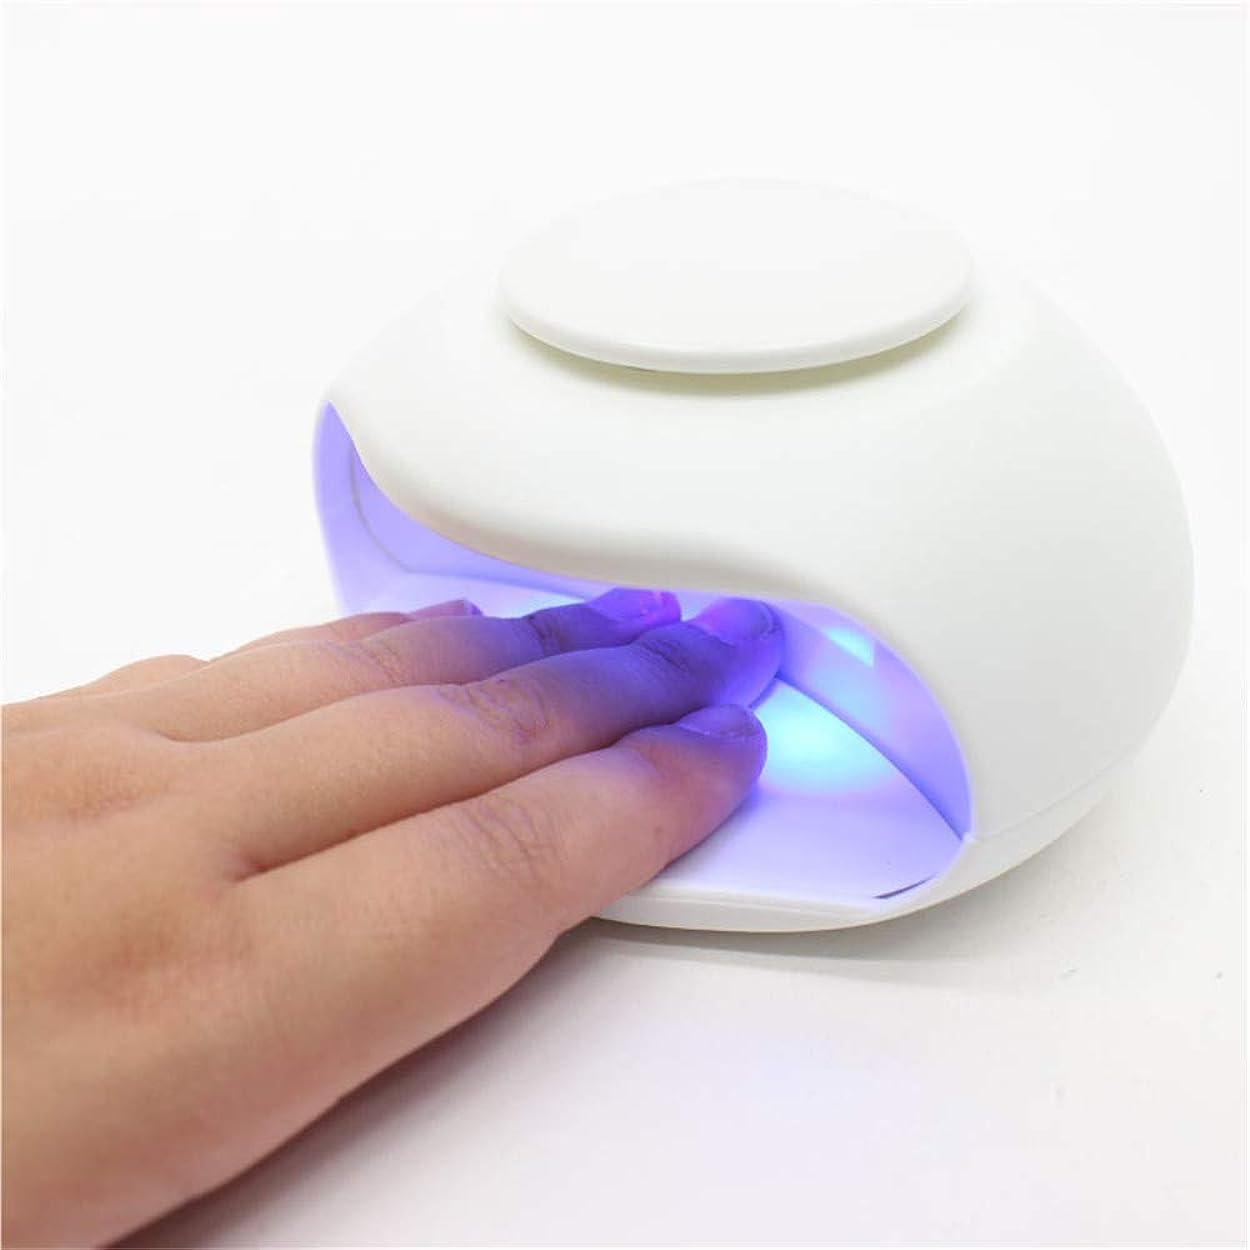 ネイルドライヤー ledライト ネイルライト Nail dryer 電池式 LEDランプ コンパクト 軽量 持ち運ぶ便利